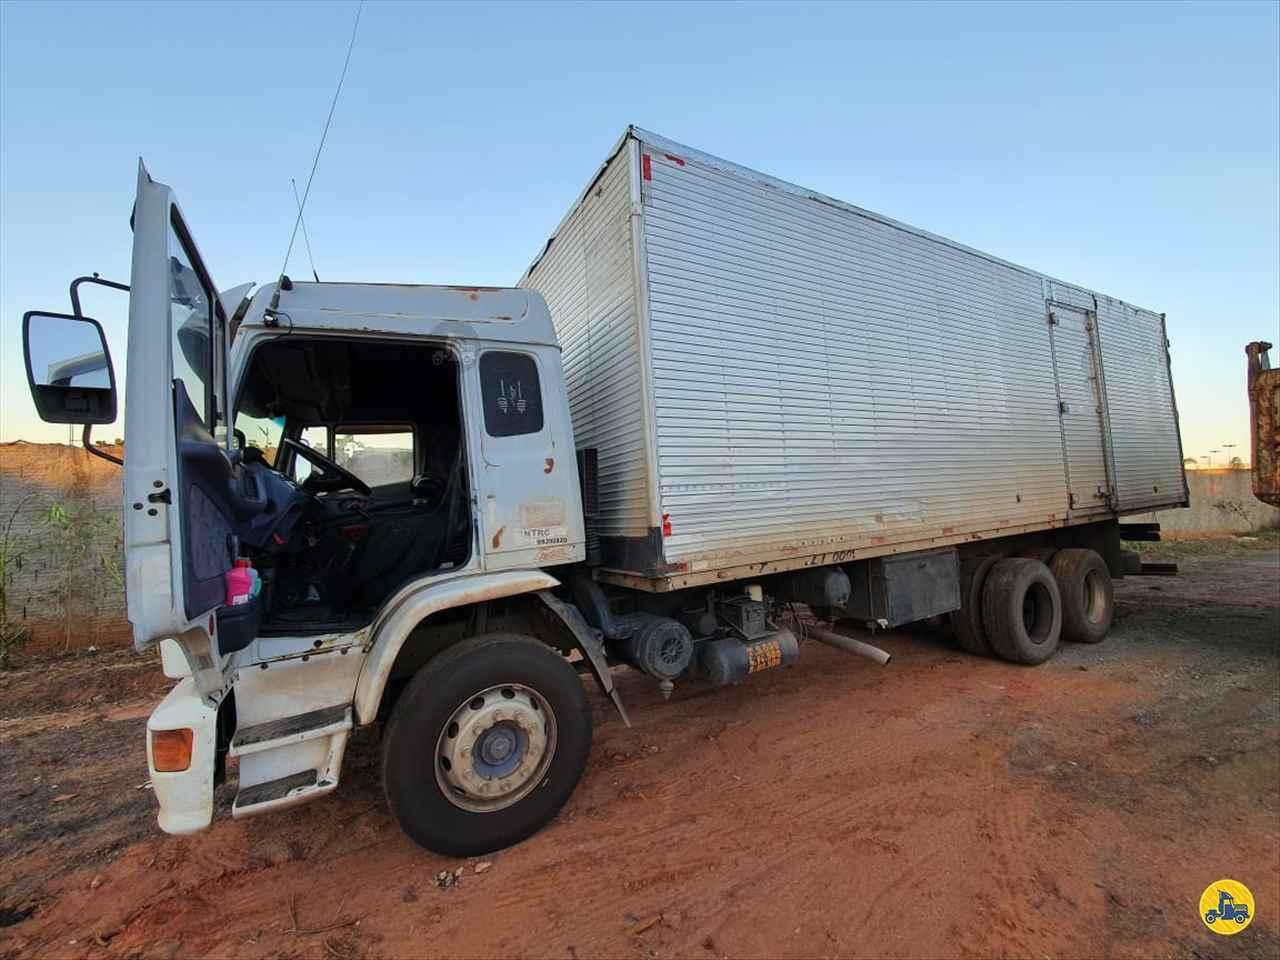 CAMINHAO MERCEDES-BENZ MB 1723 Baú Furgão Truck 6x2 Barbosa Caminhões LINS SÃO PAULO SP